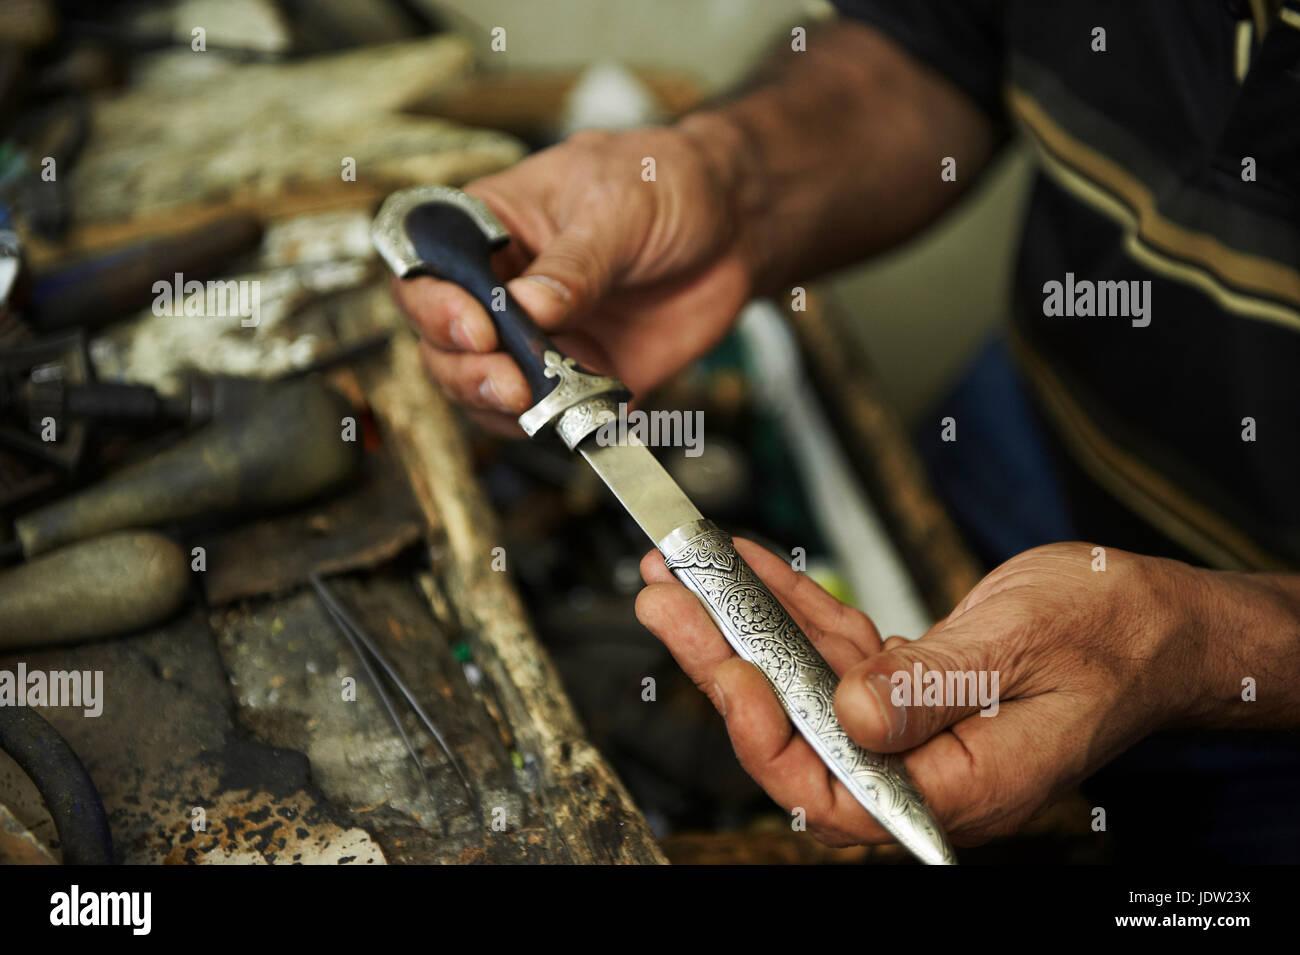 Artisan holding carving metal - Stock Image